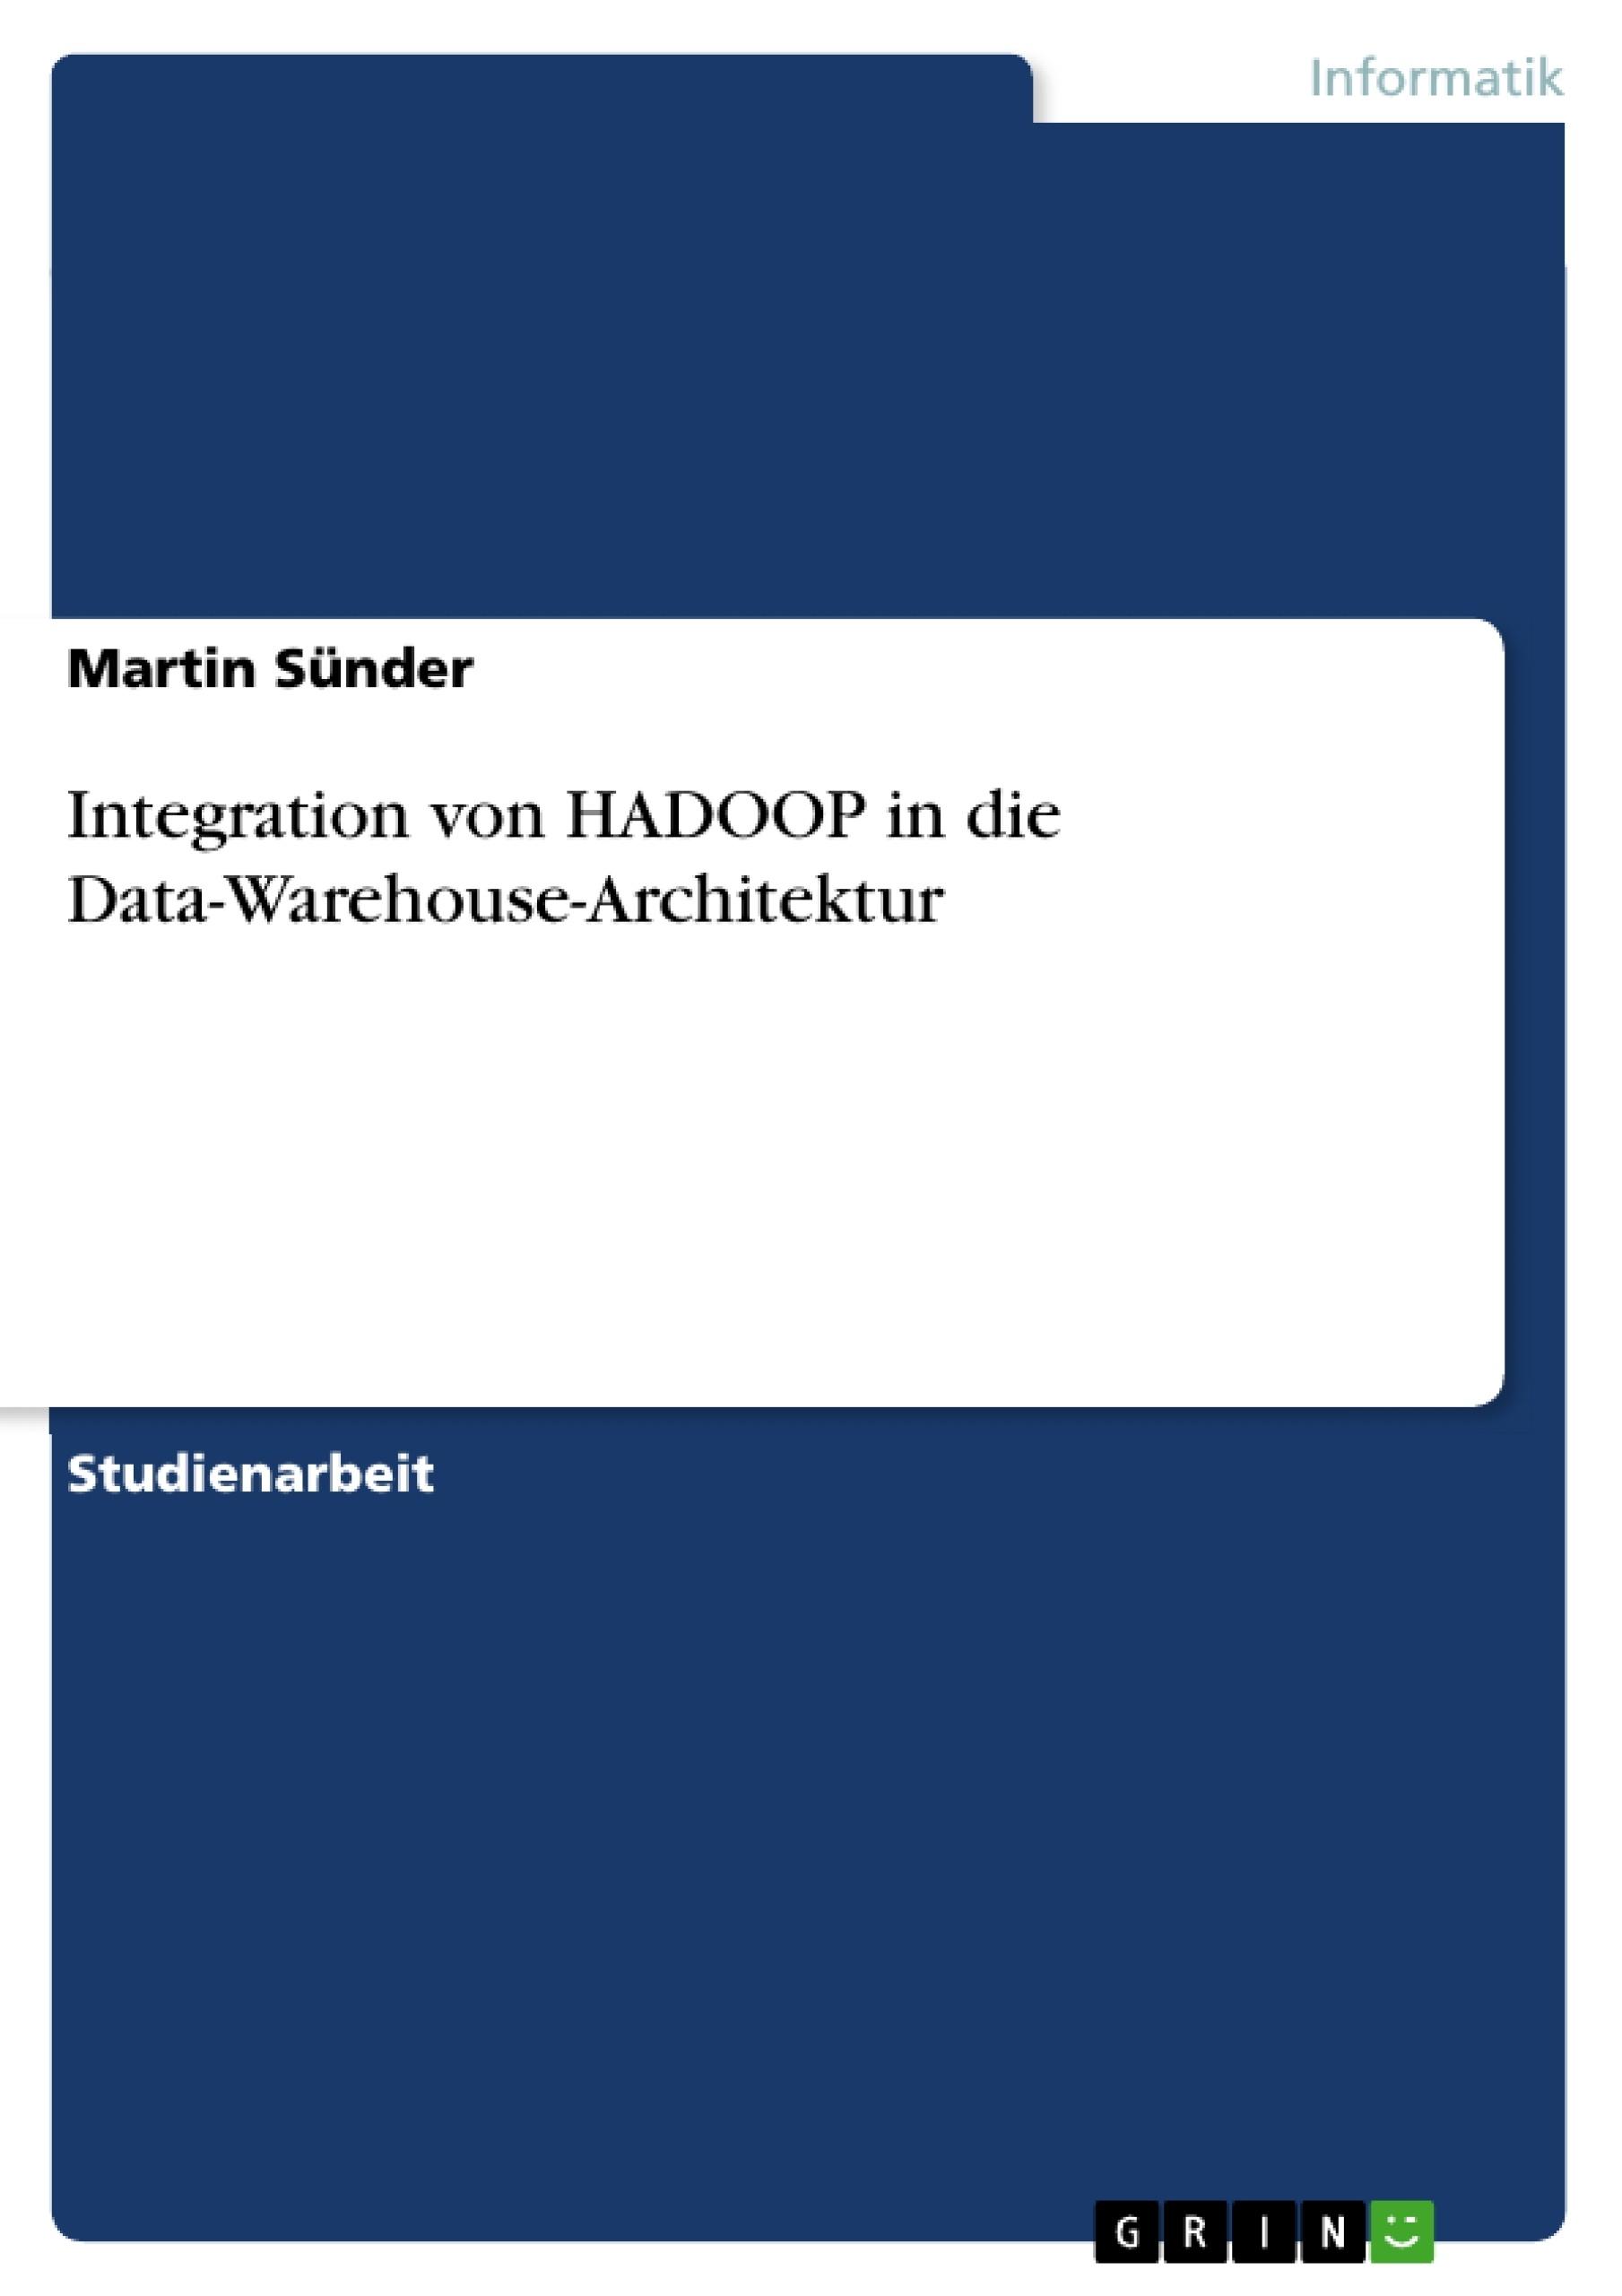 Titel: Integration von HADOOP in die Data-Warehouse-Architektur